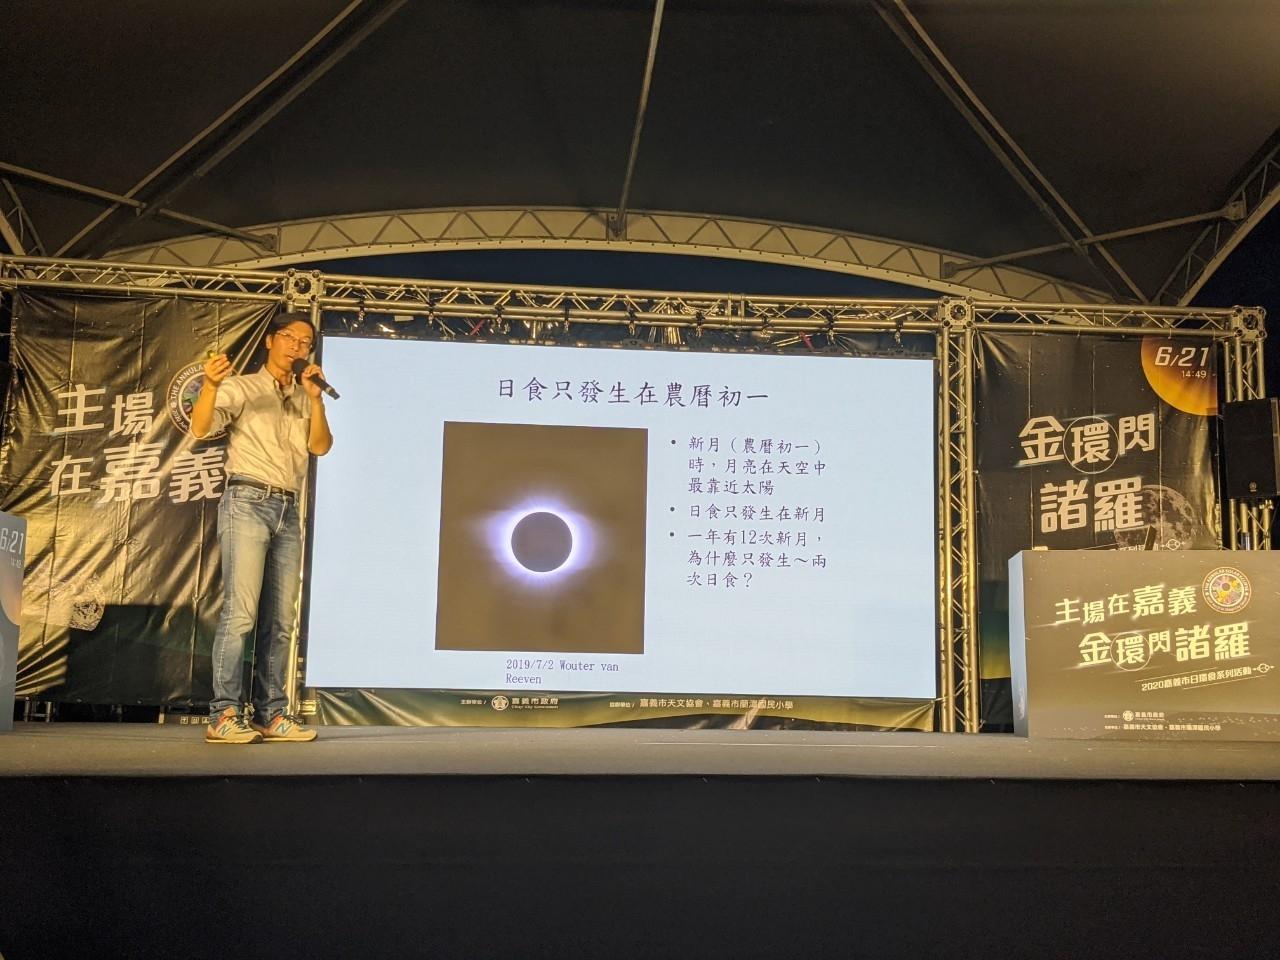 李昫岱博士以「日食-最美的巧合」為題介紹日食的天文現象。